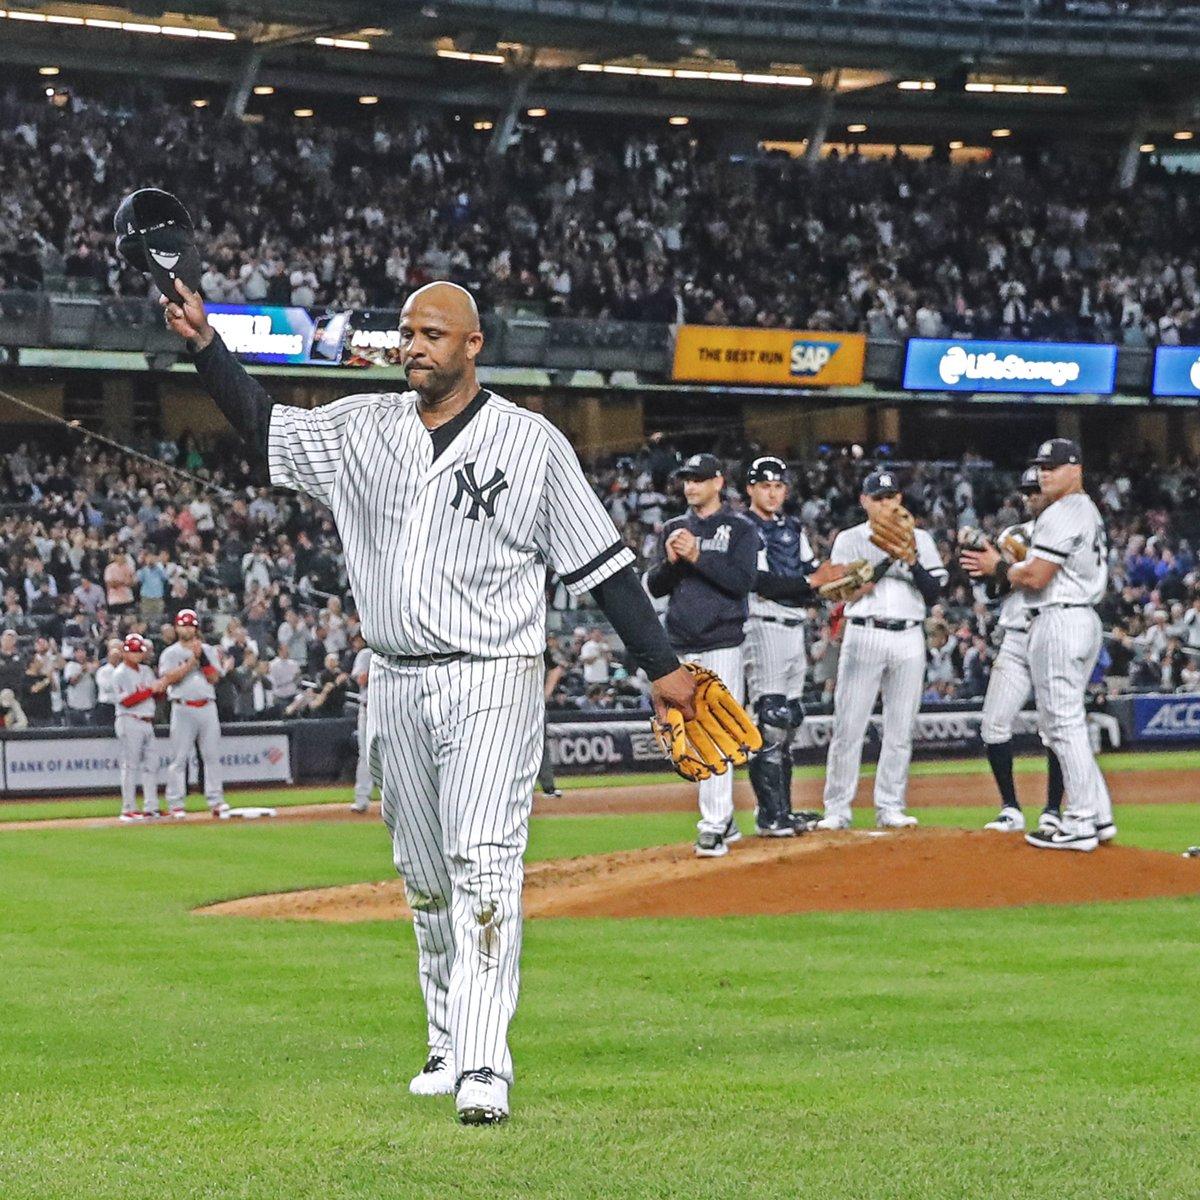 Next Bronx start unclear, CC earns hugs, ovation